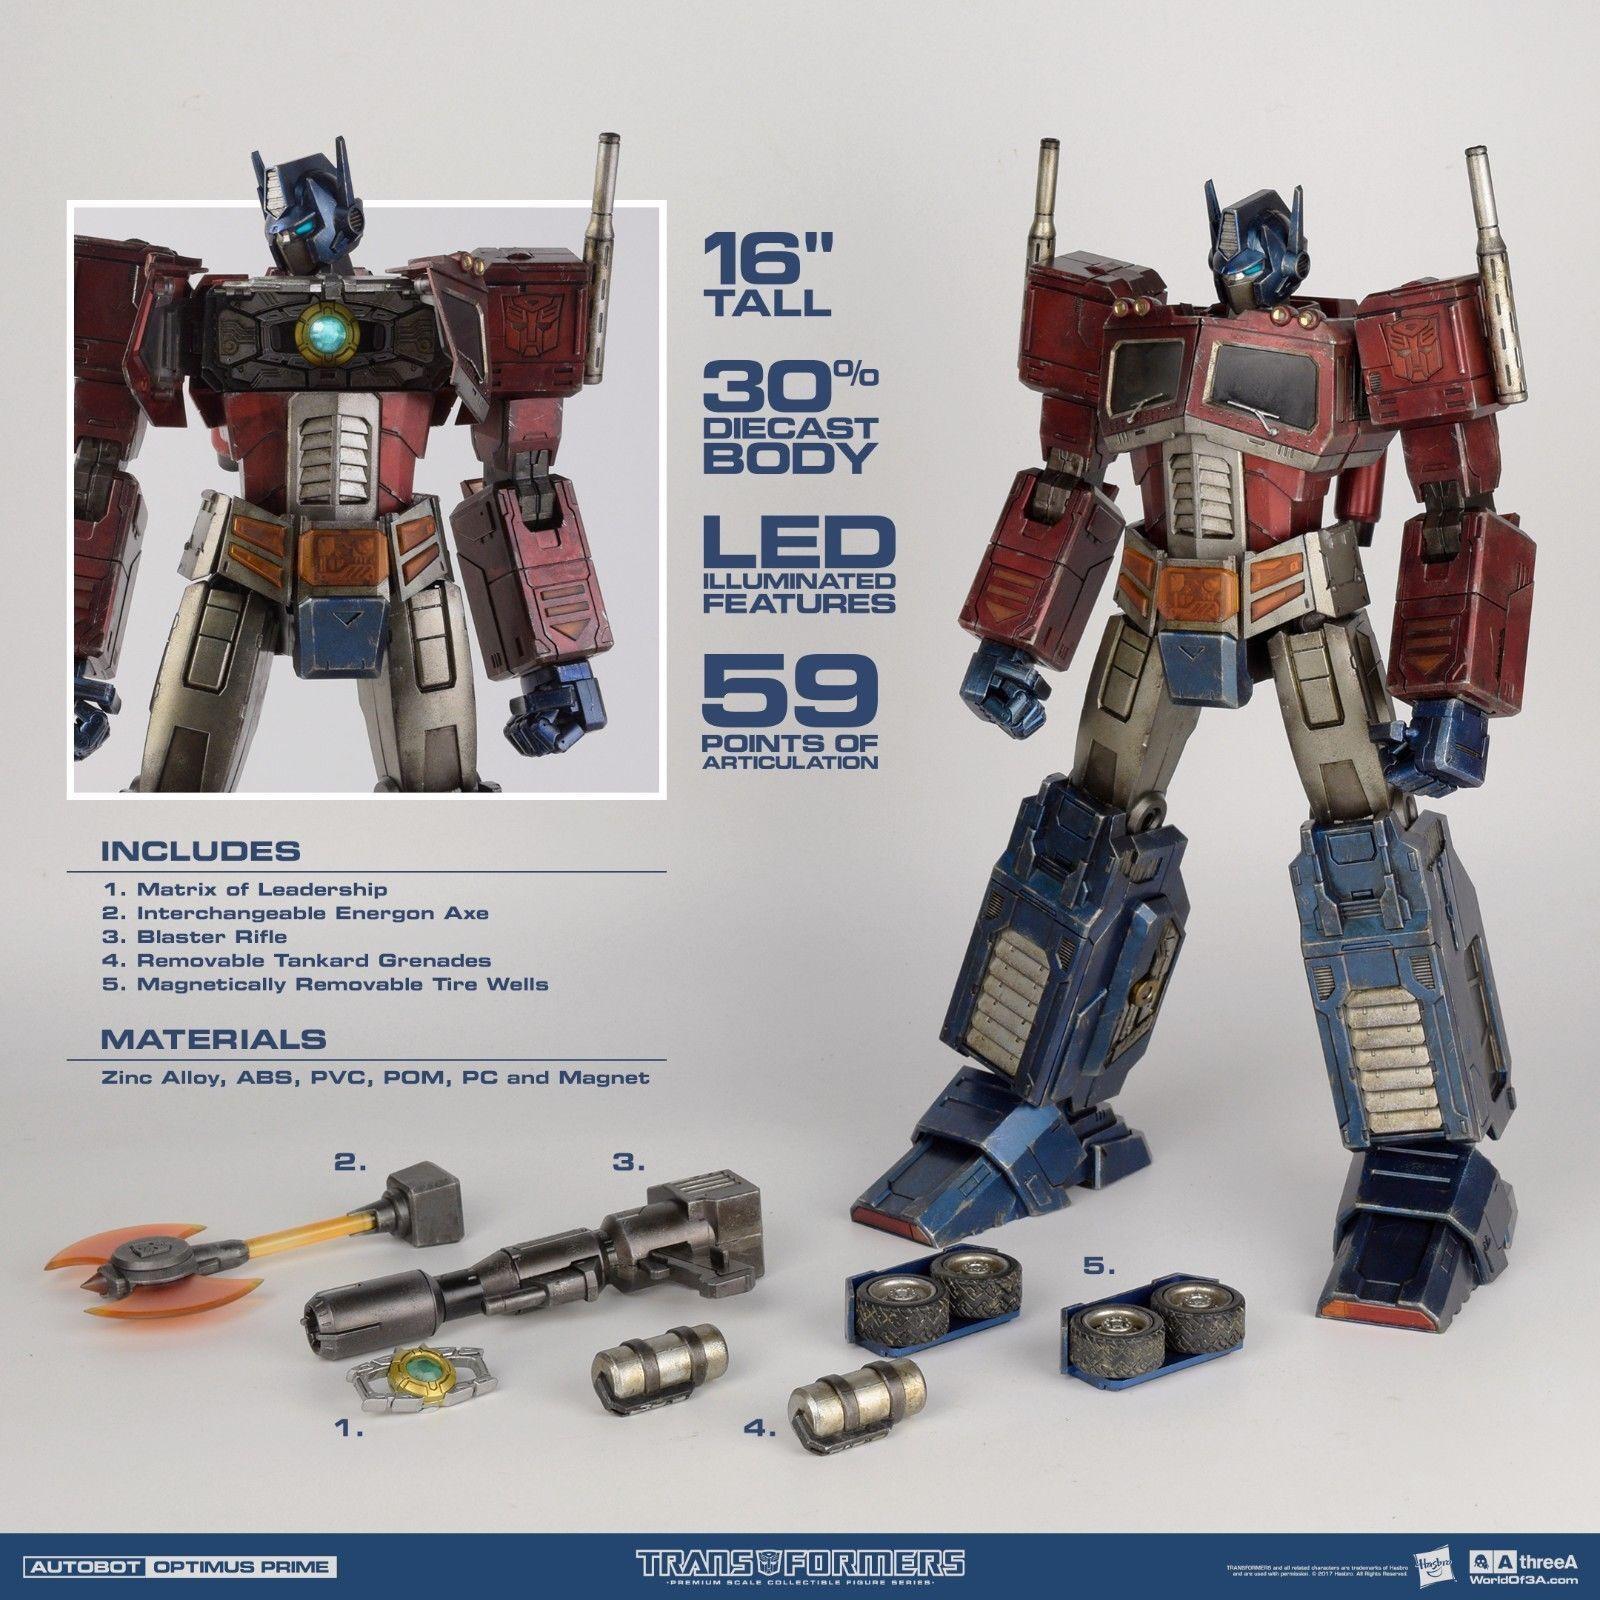 Transformers Hasbro x threeA Optimus Prime G1 Premium Classic 16'' 30% Diecast